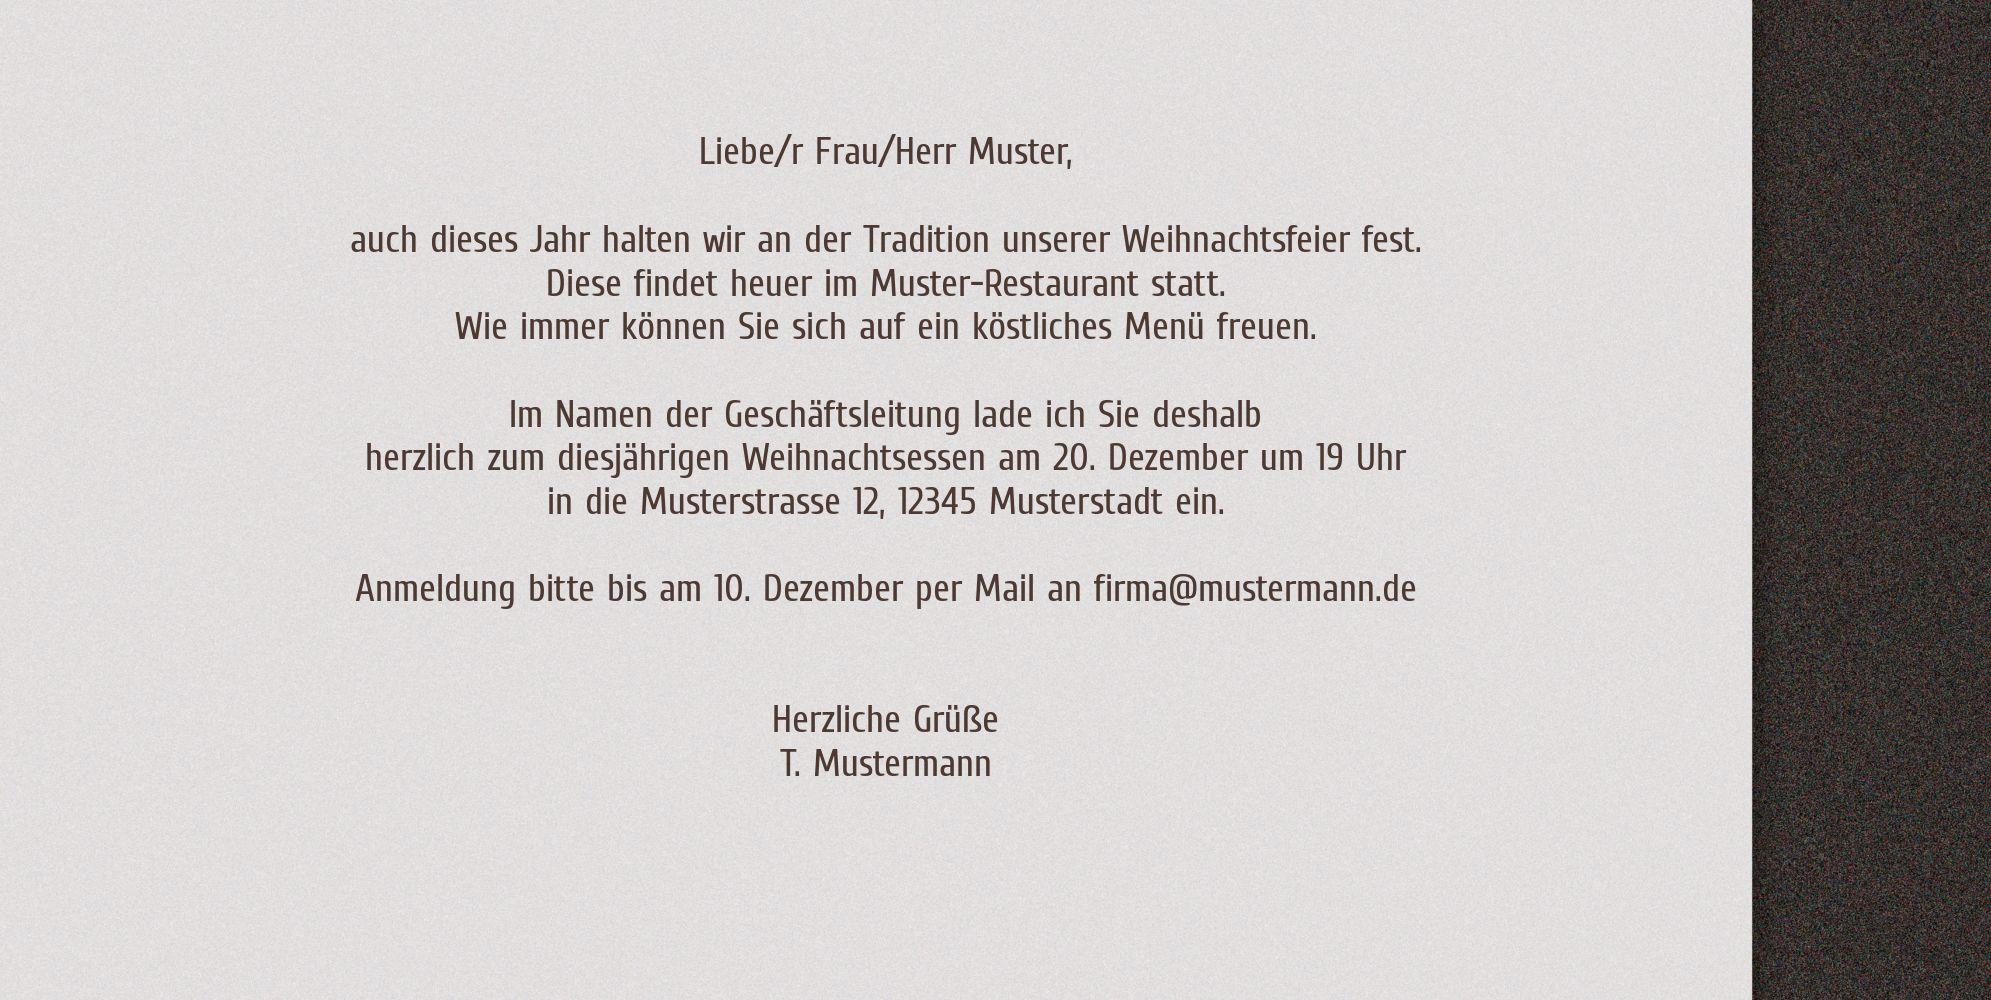 Ansicht 5 - Einladung Adventszeit